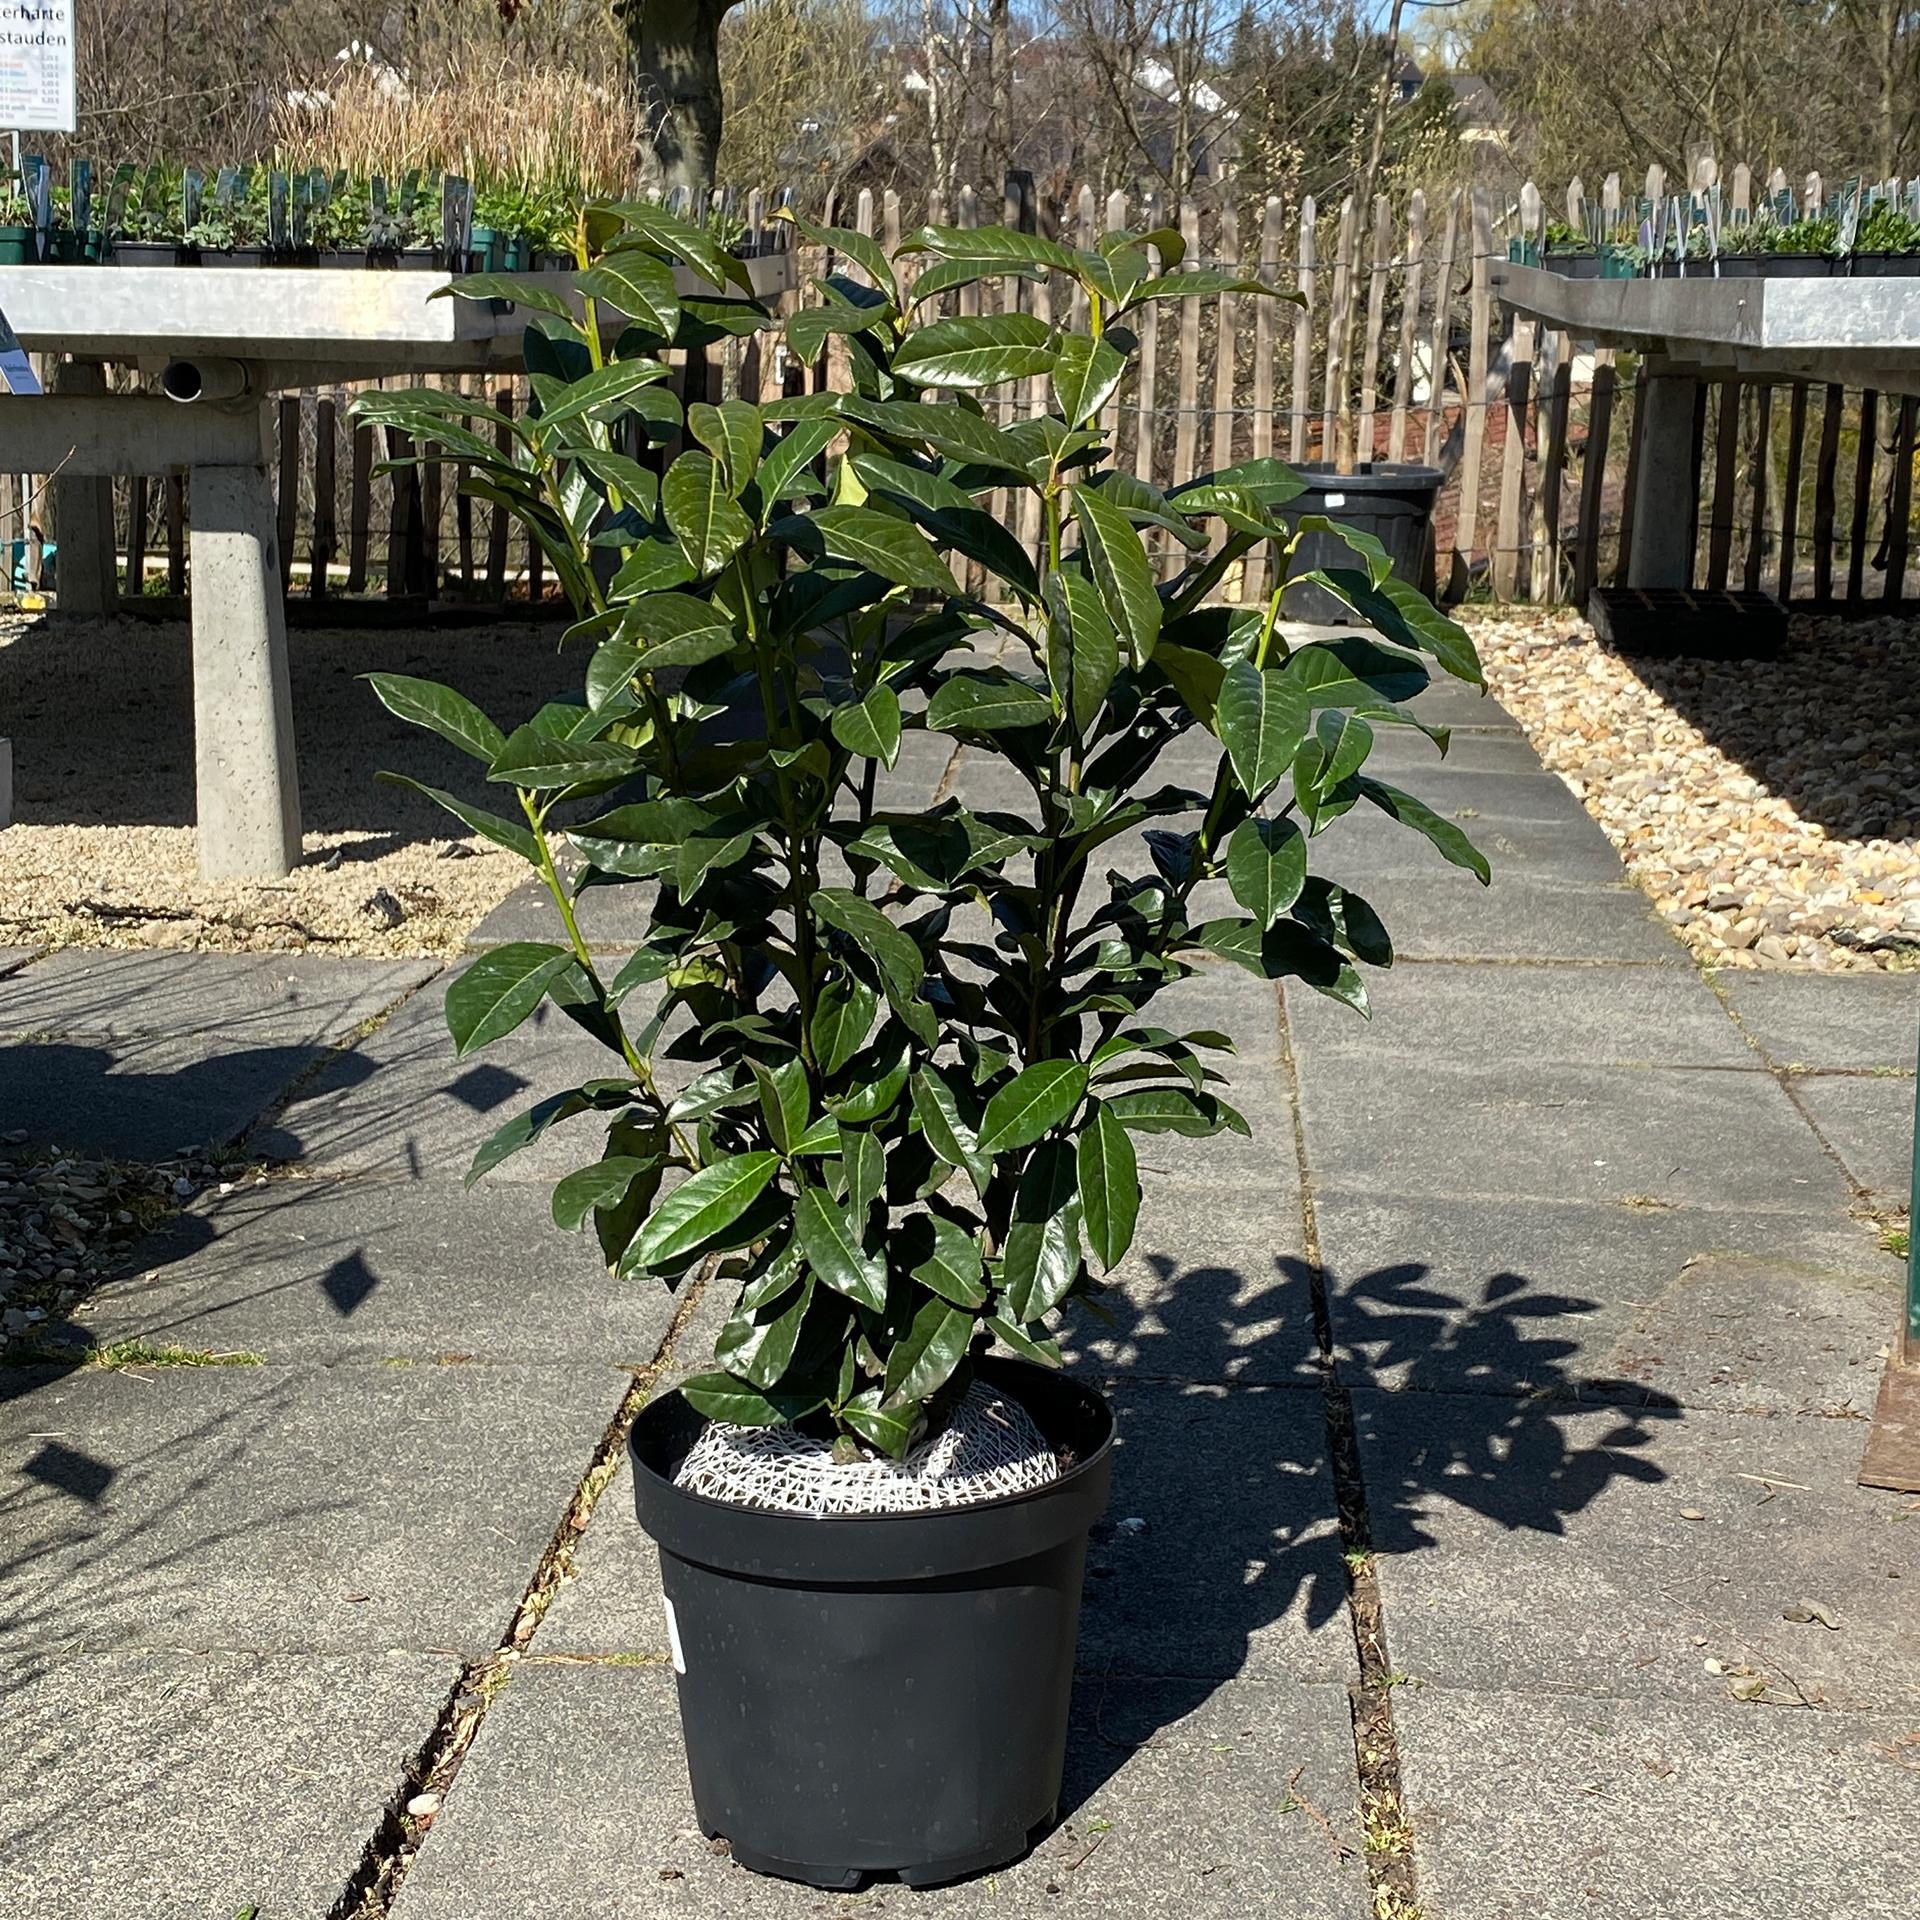 Kirschlorbeer - Prunus laurocerasus 'Genolia', 60-80cm